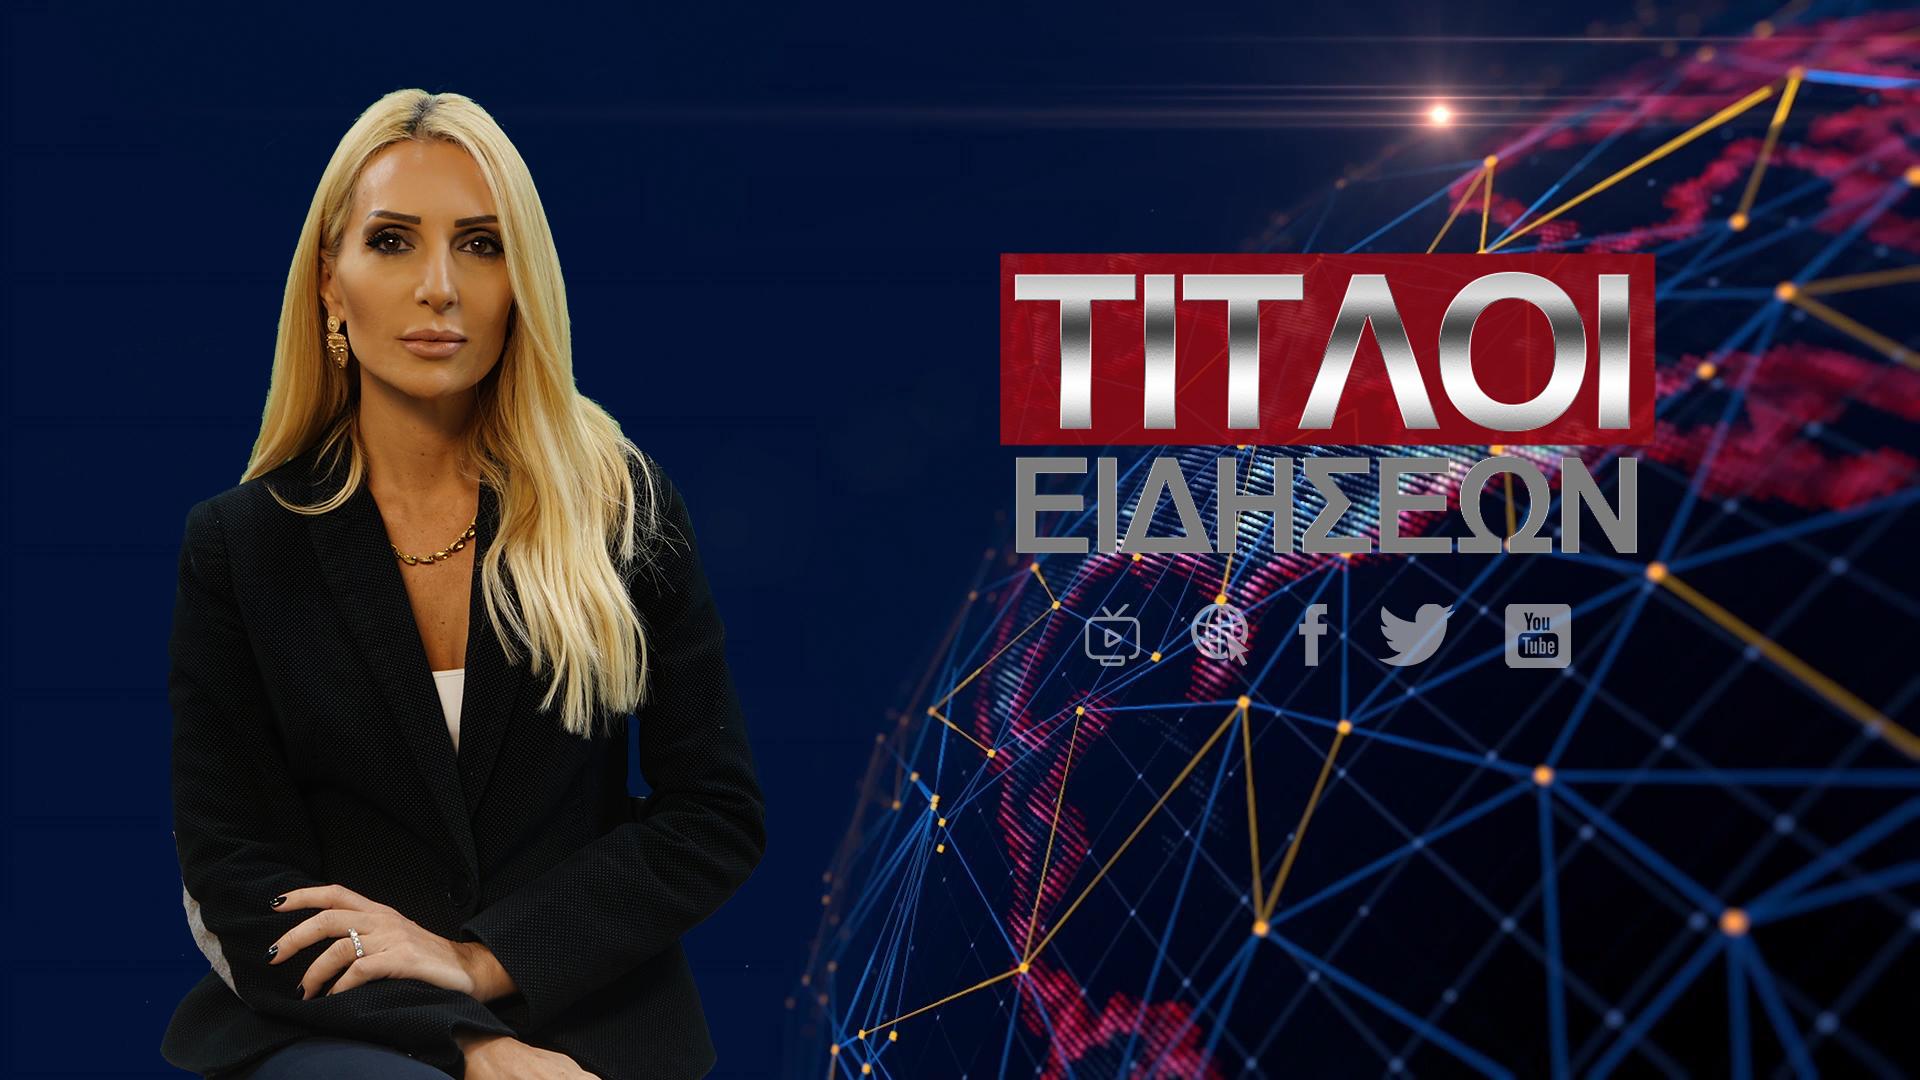 ΤΙΤΛΟΙ ΕΙΔΗΣΕΩΝ απο το Vouli.TV | 28 Ιανουαρίου 2021